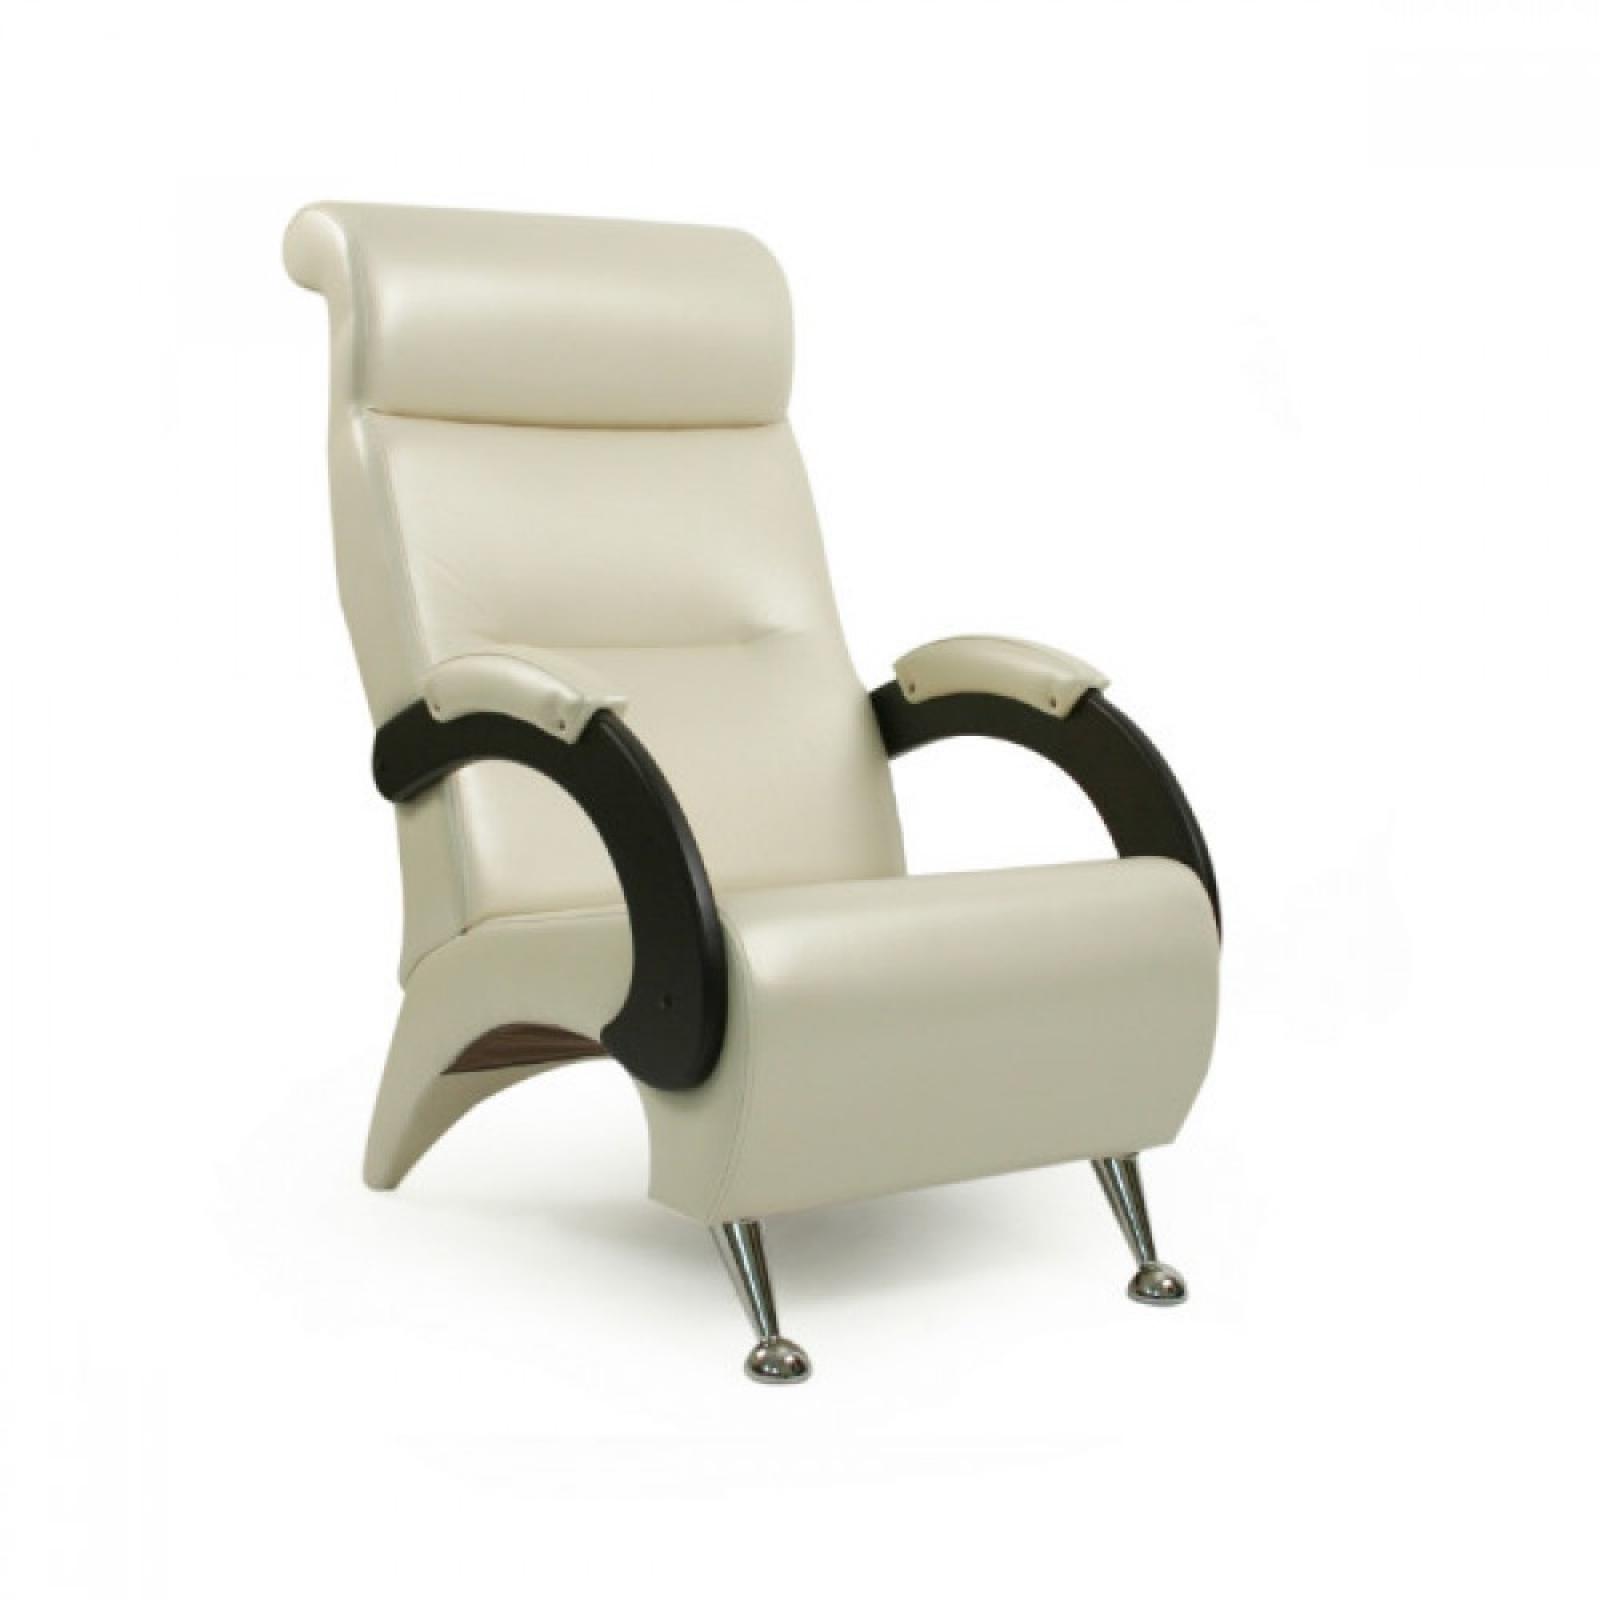 Кресло для отдыха, Модель 9-Д, Венге/Манго 002 - 1